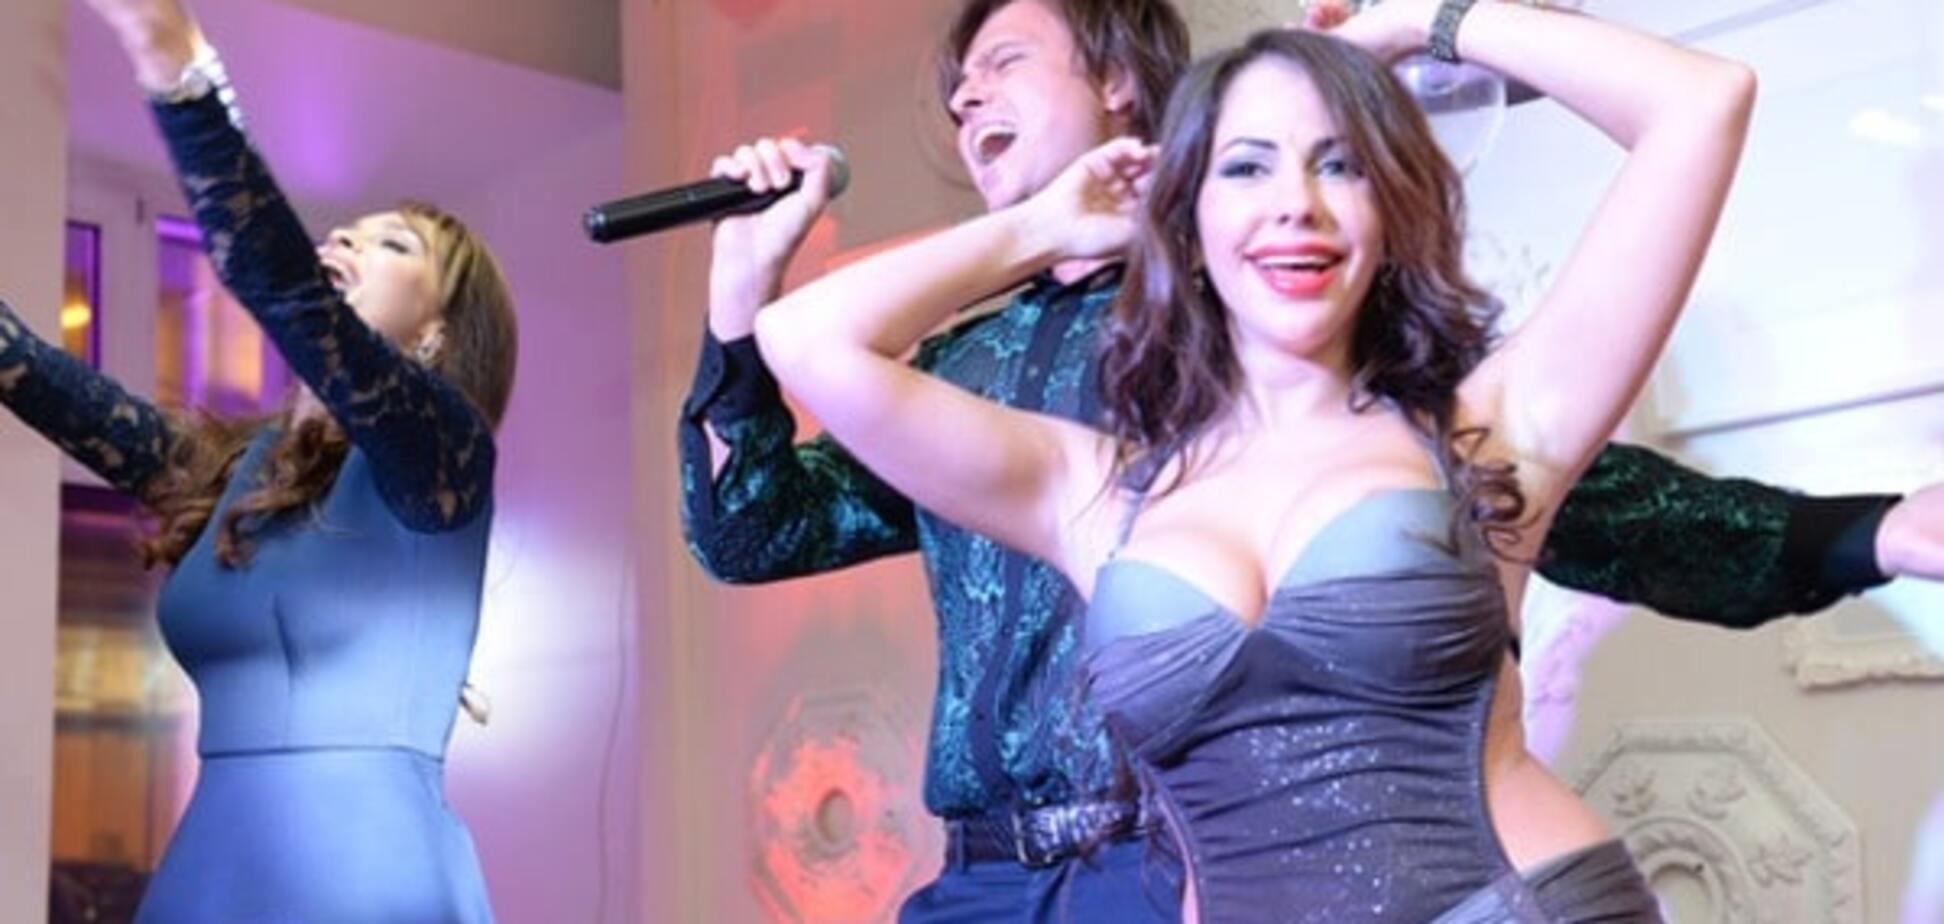 Экс-звезда 'Дома-2' устроила эротические танцы на своем дне рождения